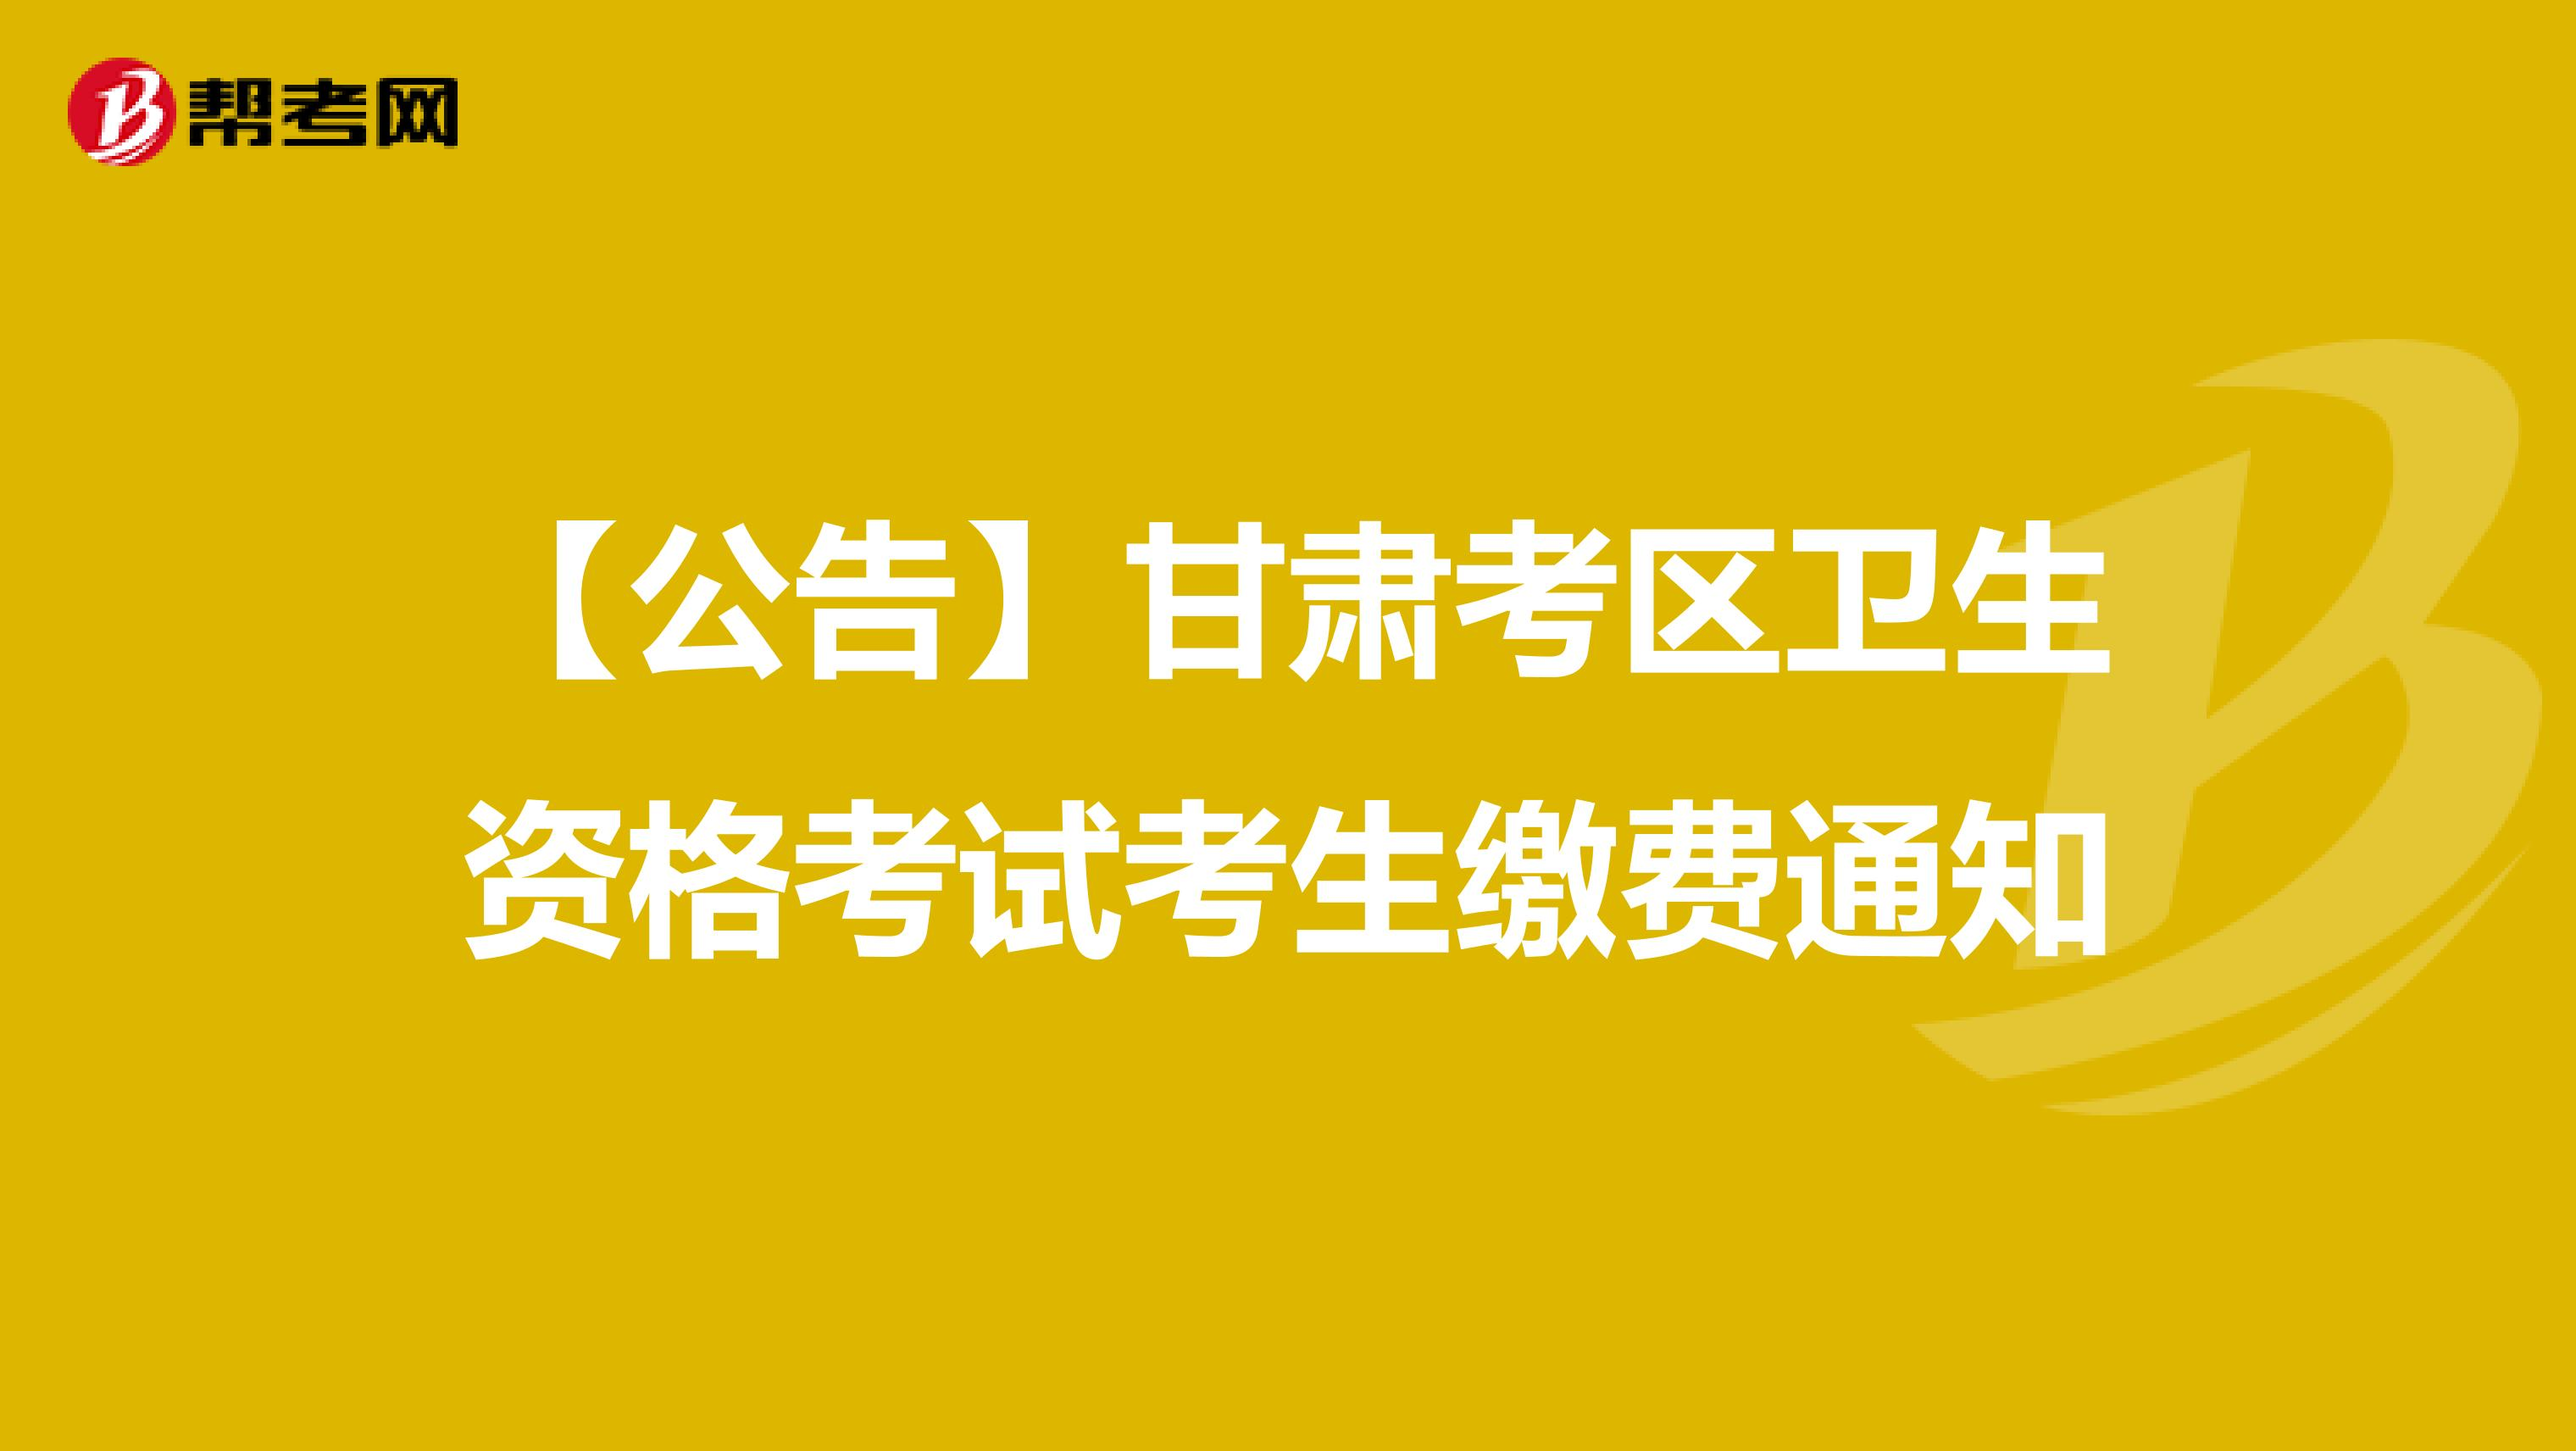 【公告】甘肅考區衛生資格考試考生繳費通知